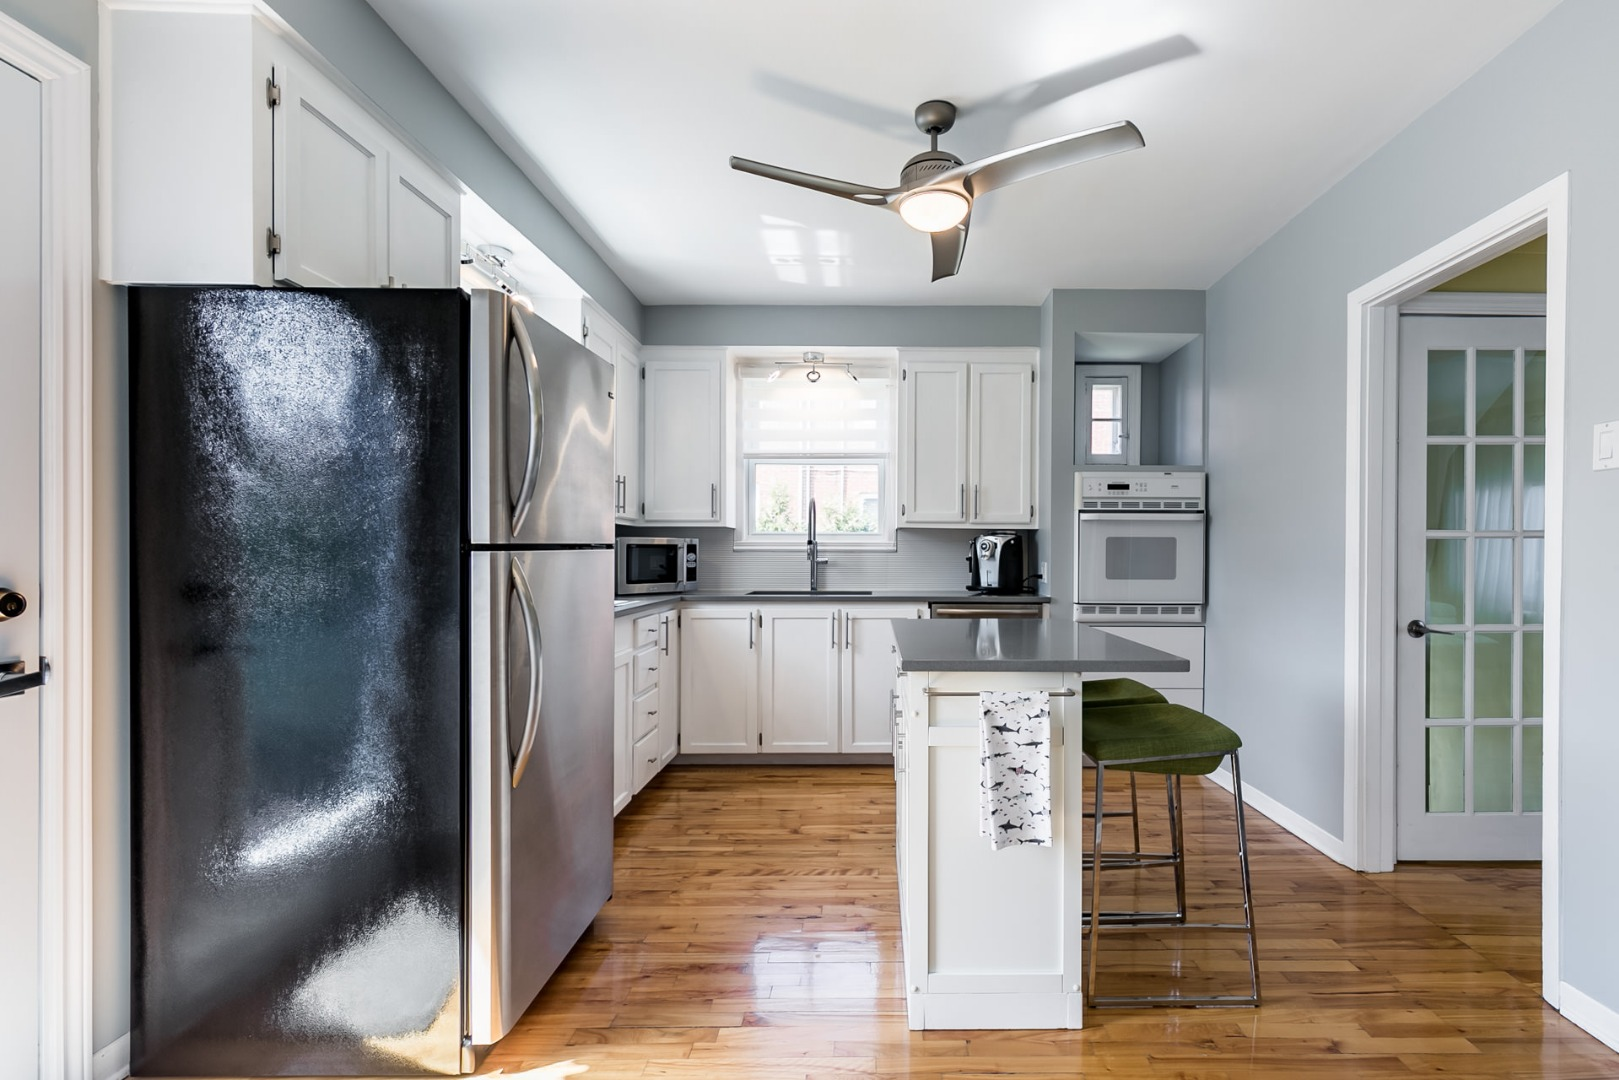 Maison à vendre Ahuntsic - 9148 rue de Reims